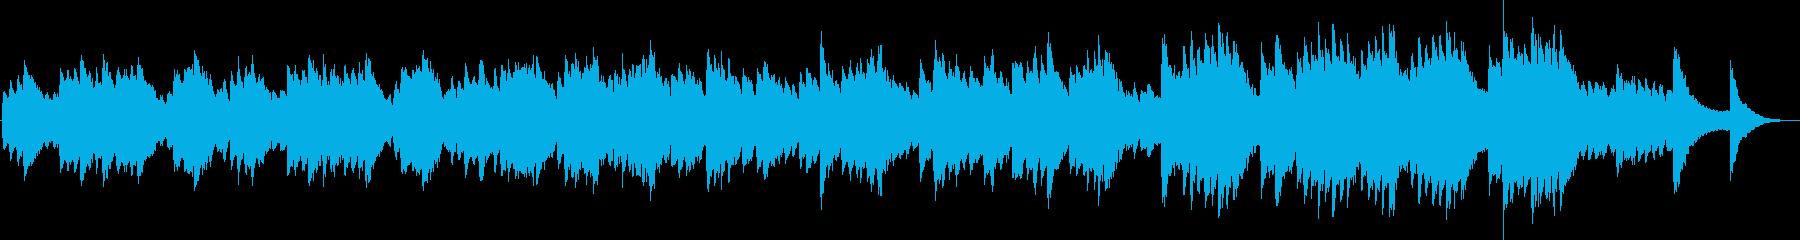 キラキラしたオルゴールの哀愁のある曲の再生済みの波形